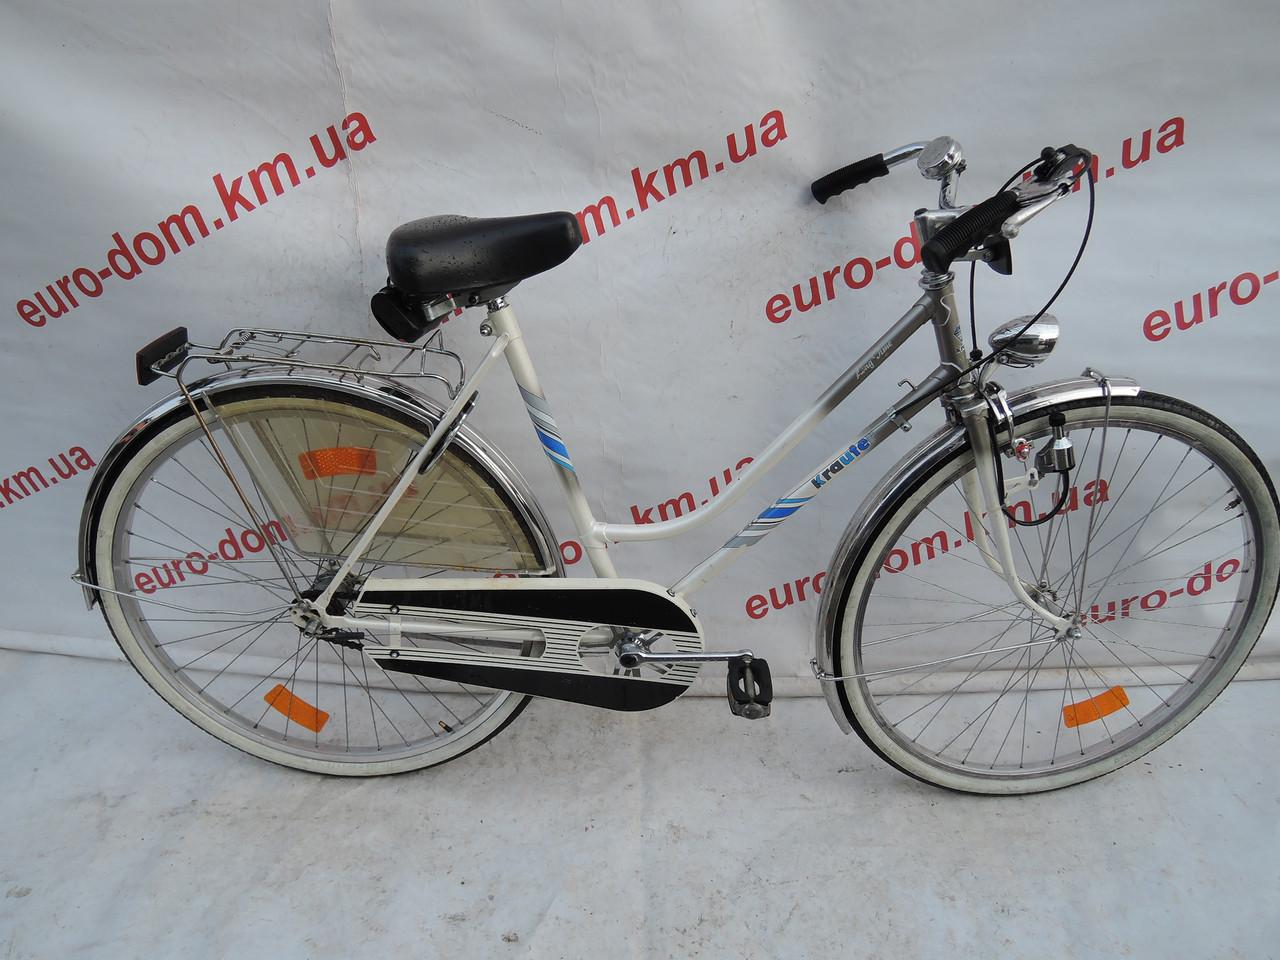 Городской велосипед Krauter 28 колеса 3 скорости на планетарке